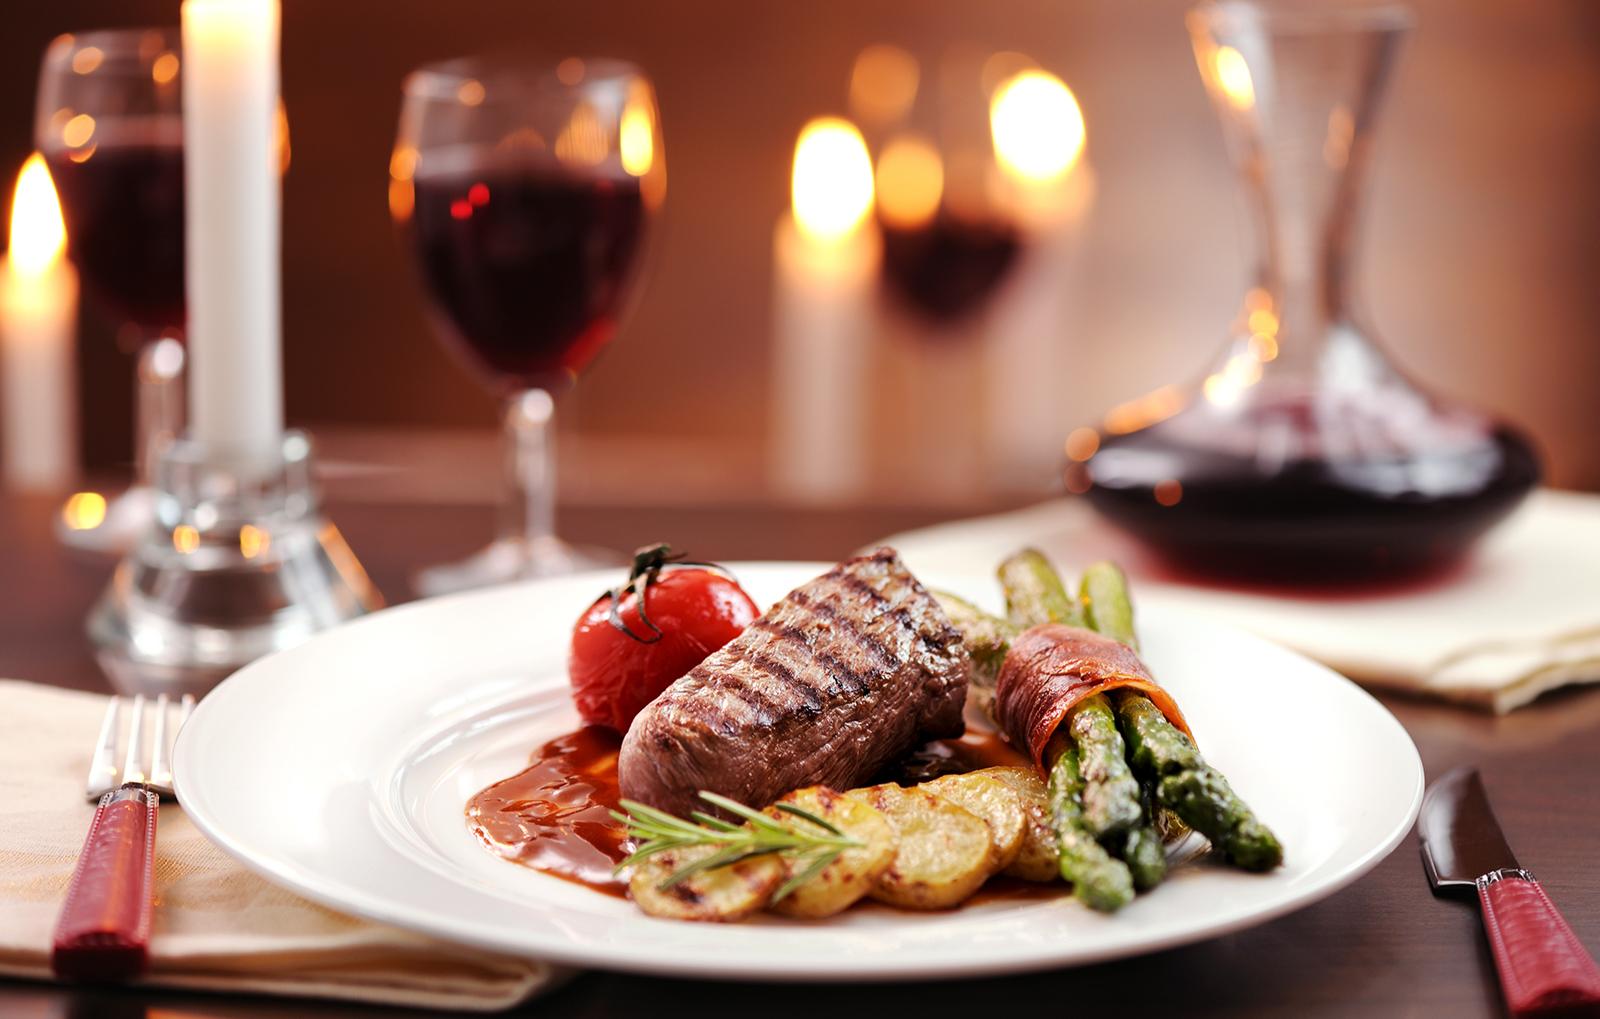 candle-light-dinner-deluxe-bad-kissingen-bg1